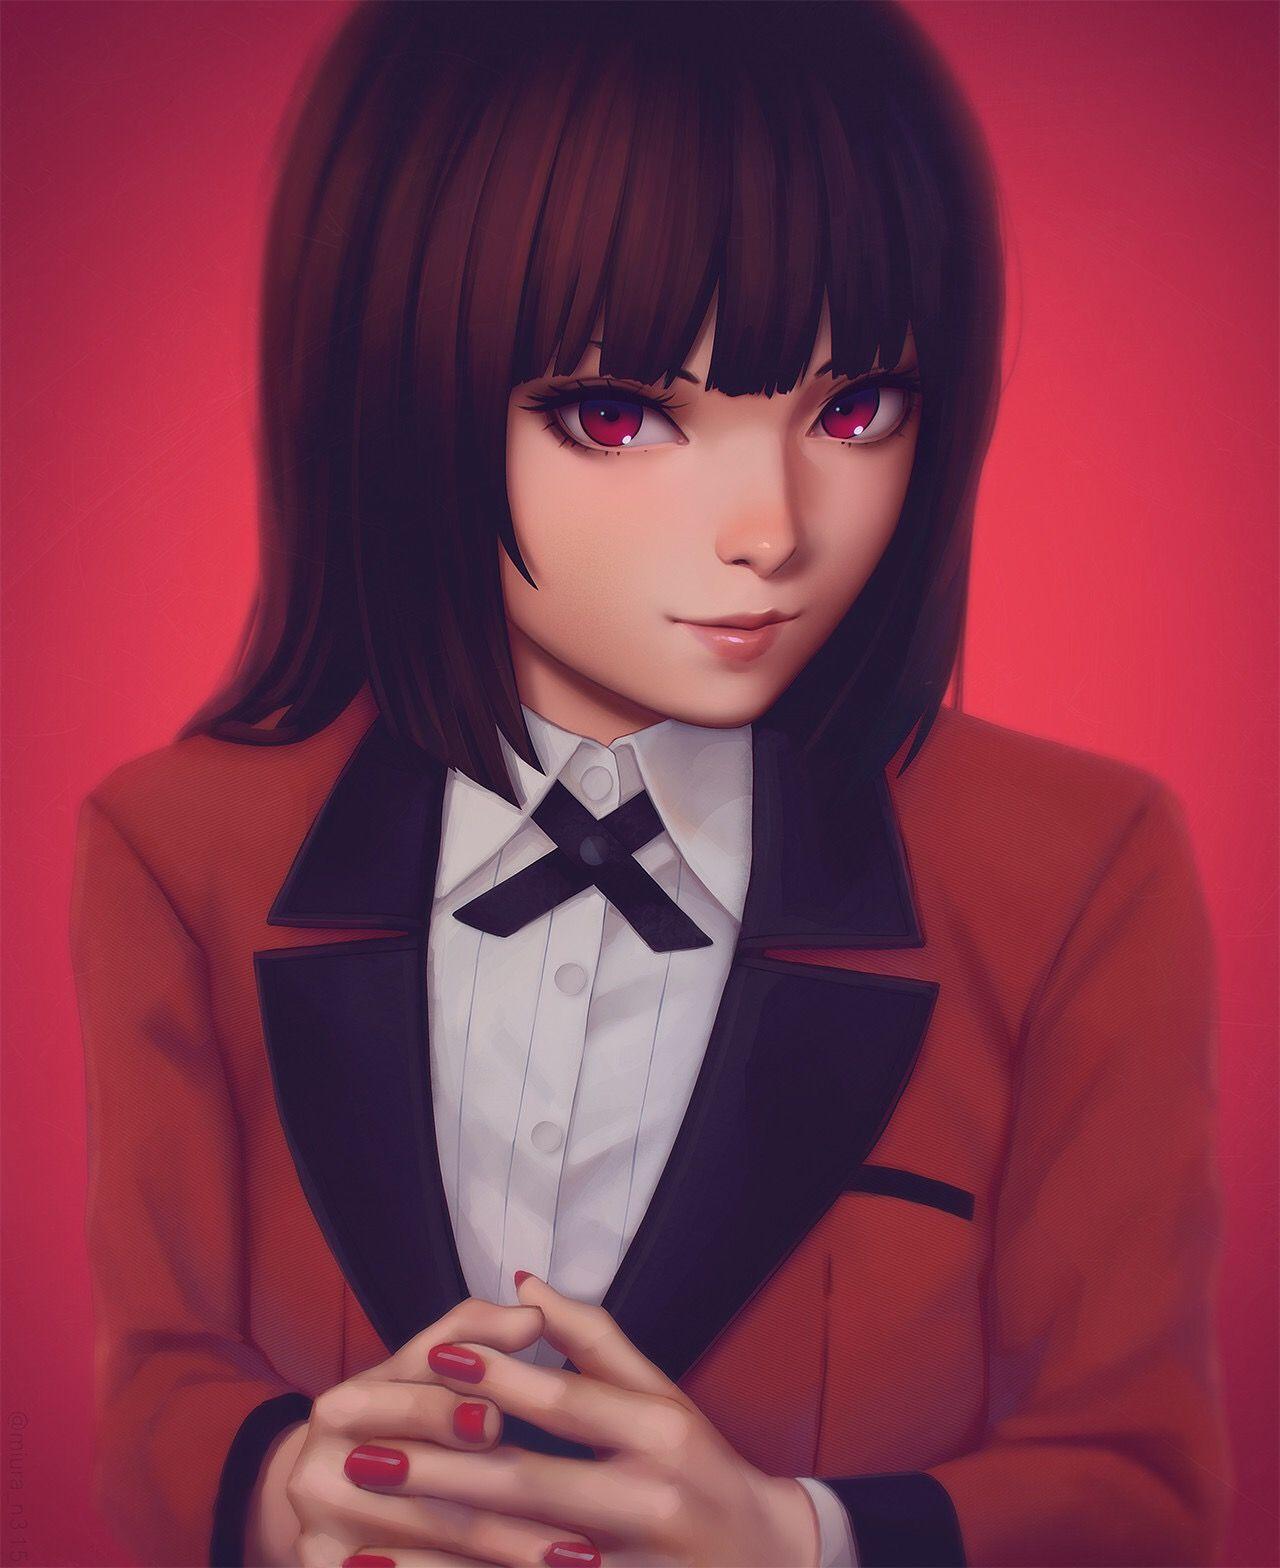 Jabami yumeko Kakegurui Anime sanatı, Anime kızları ve